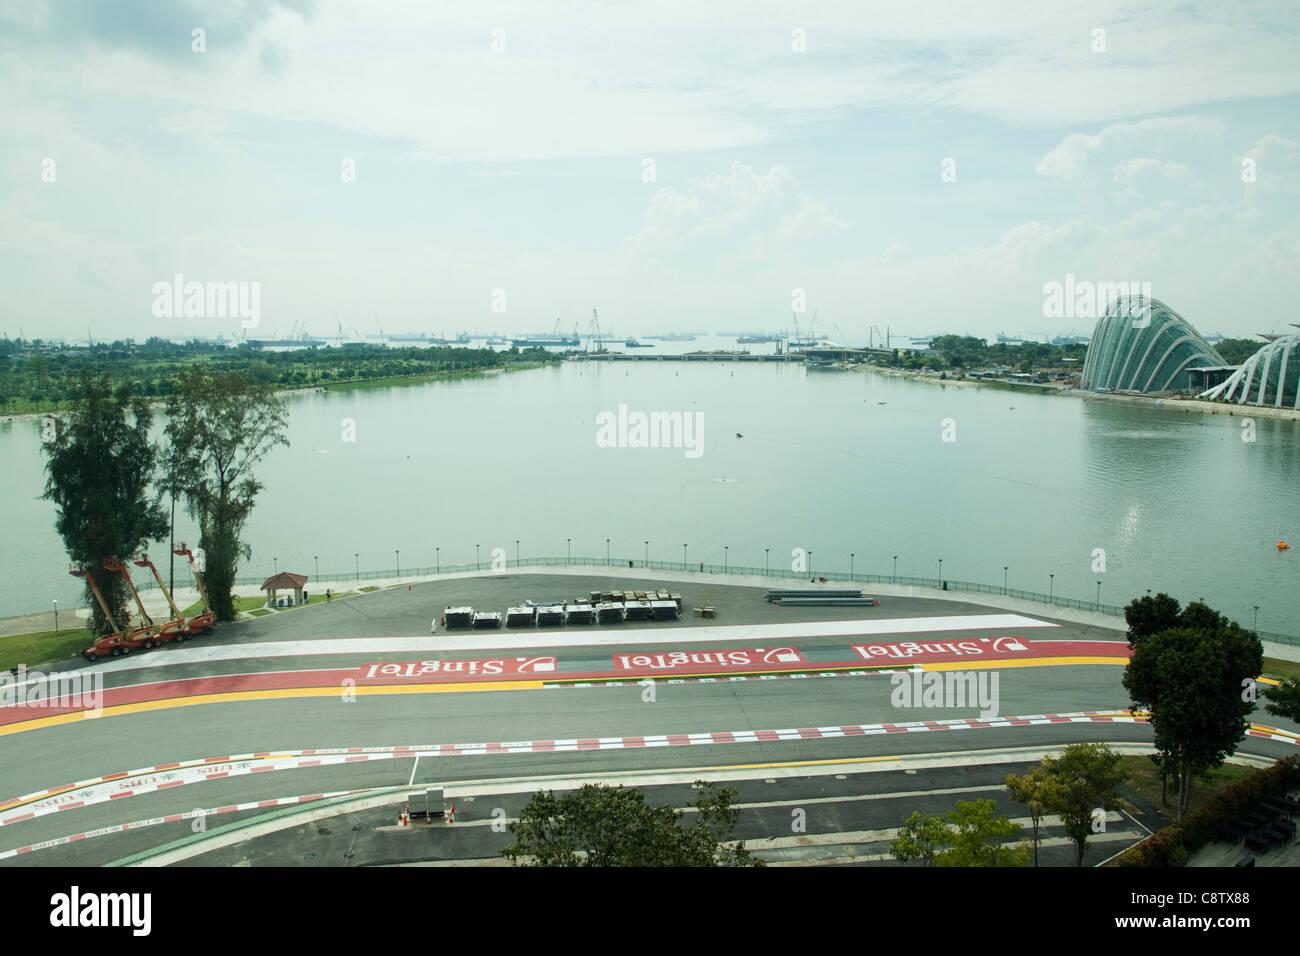 Singapour Formule 1/F1 race track. Banque D'Images